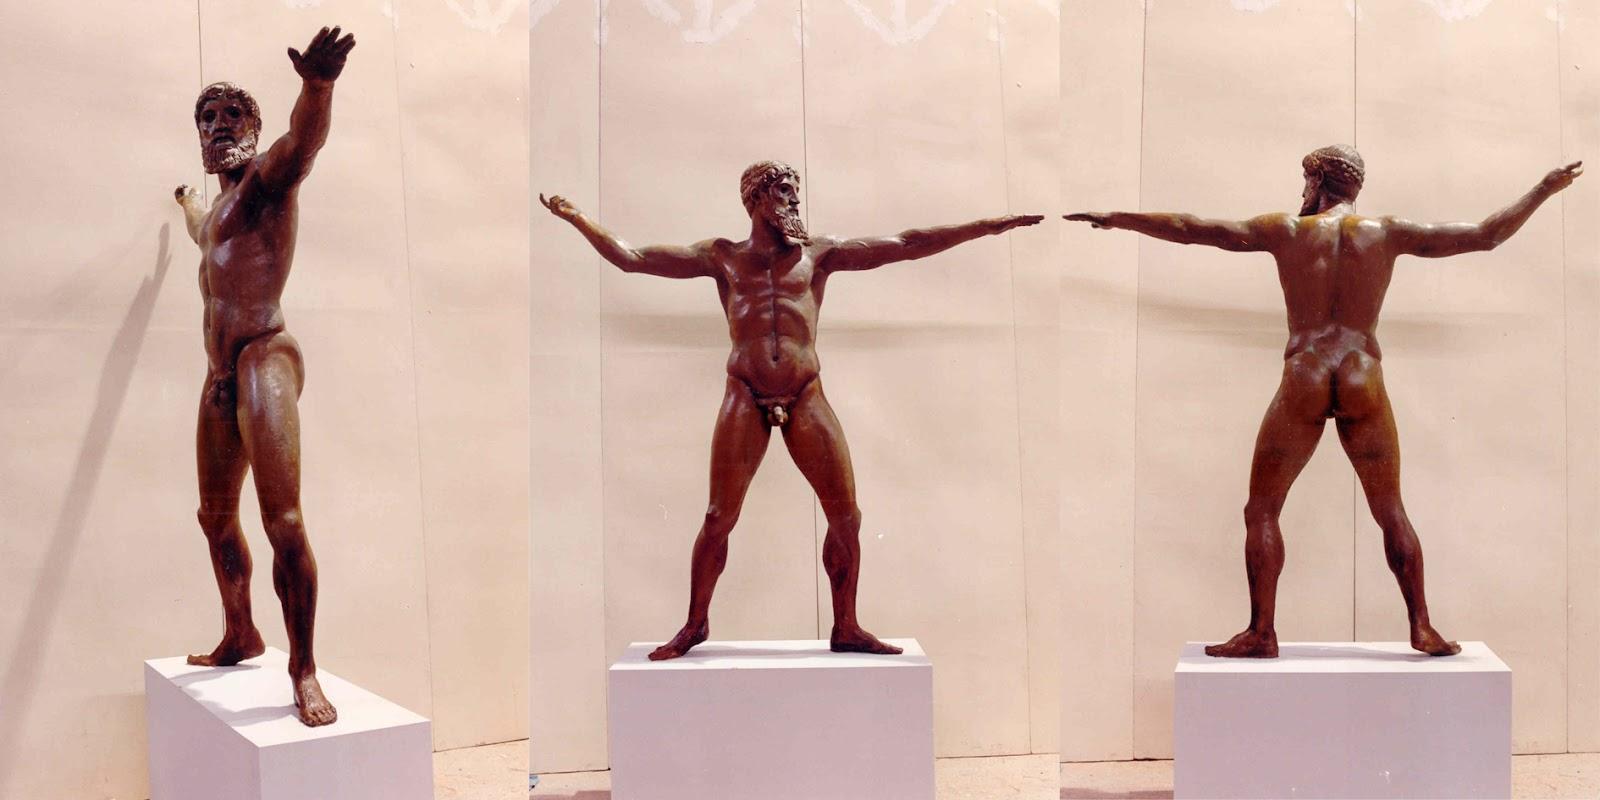 Real statue of zeus ancient greek statue of zeus in the movie zeus is